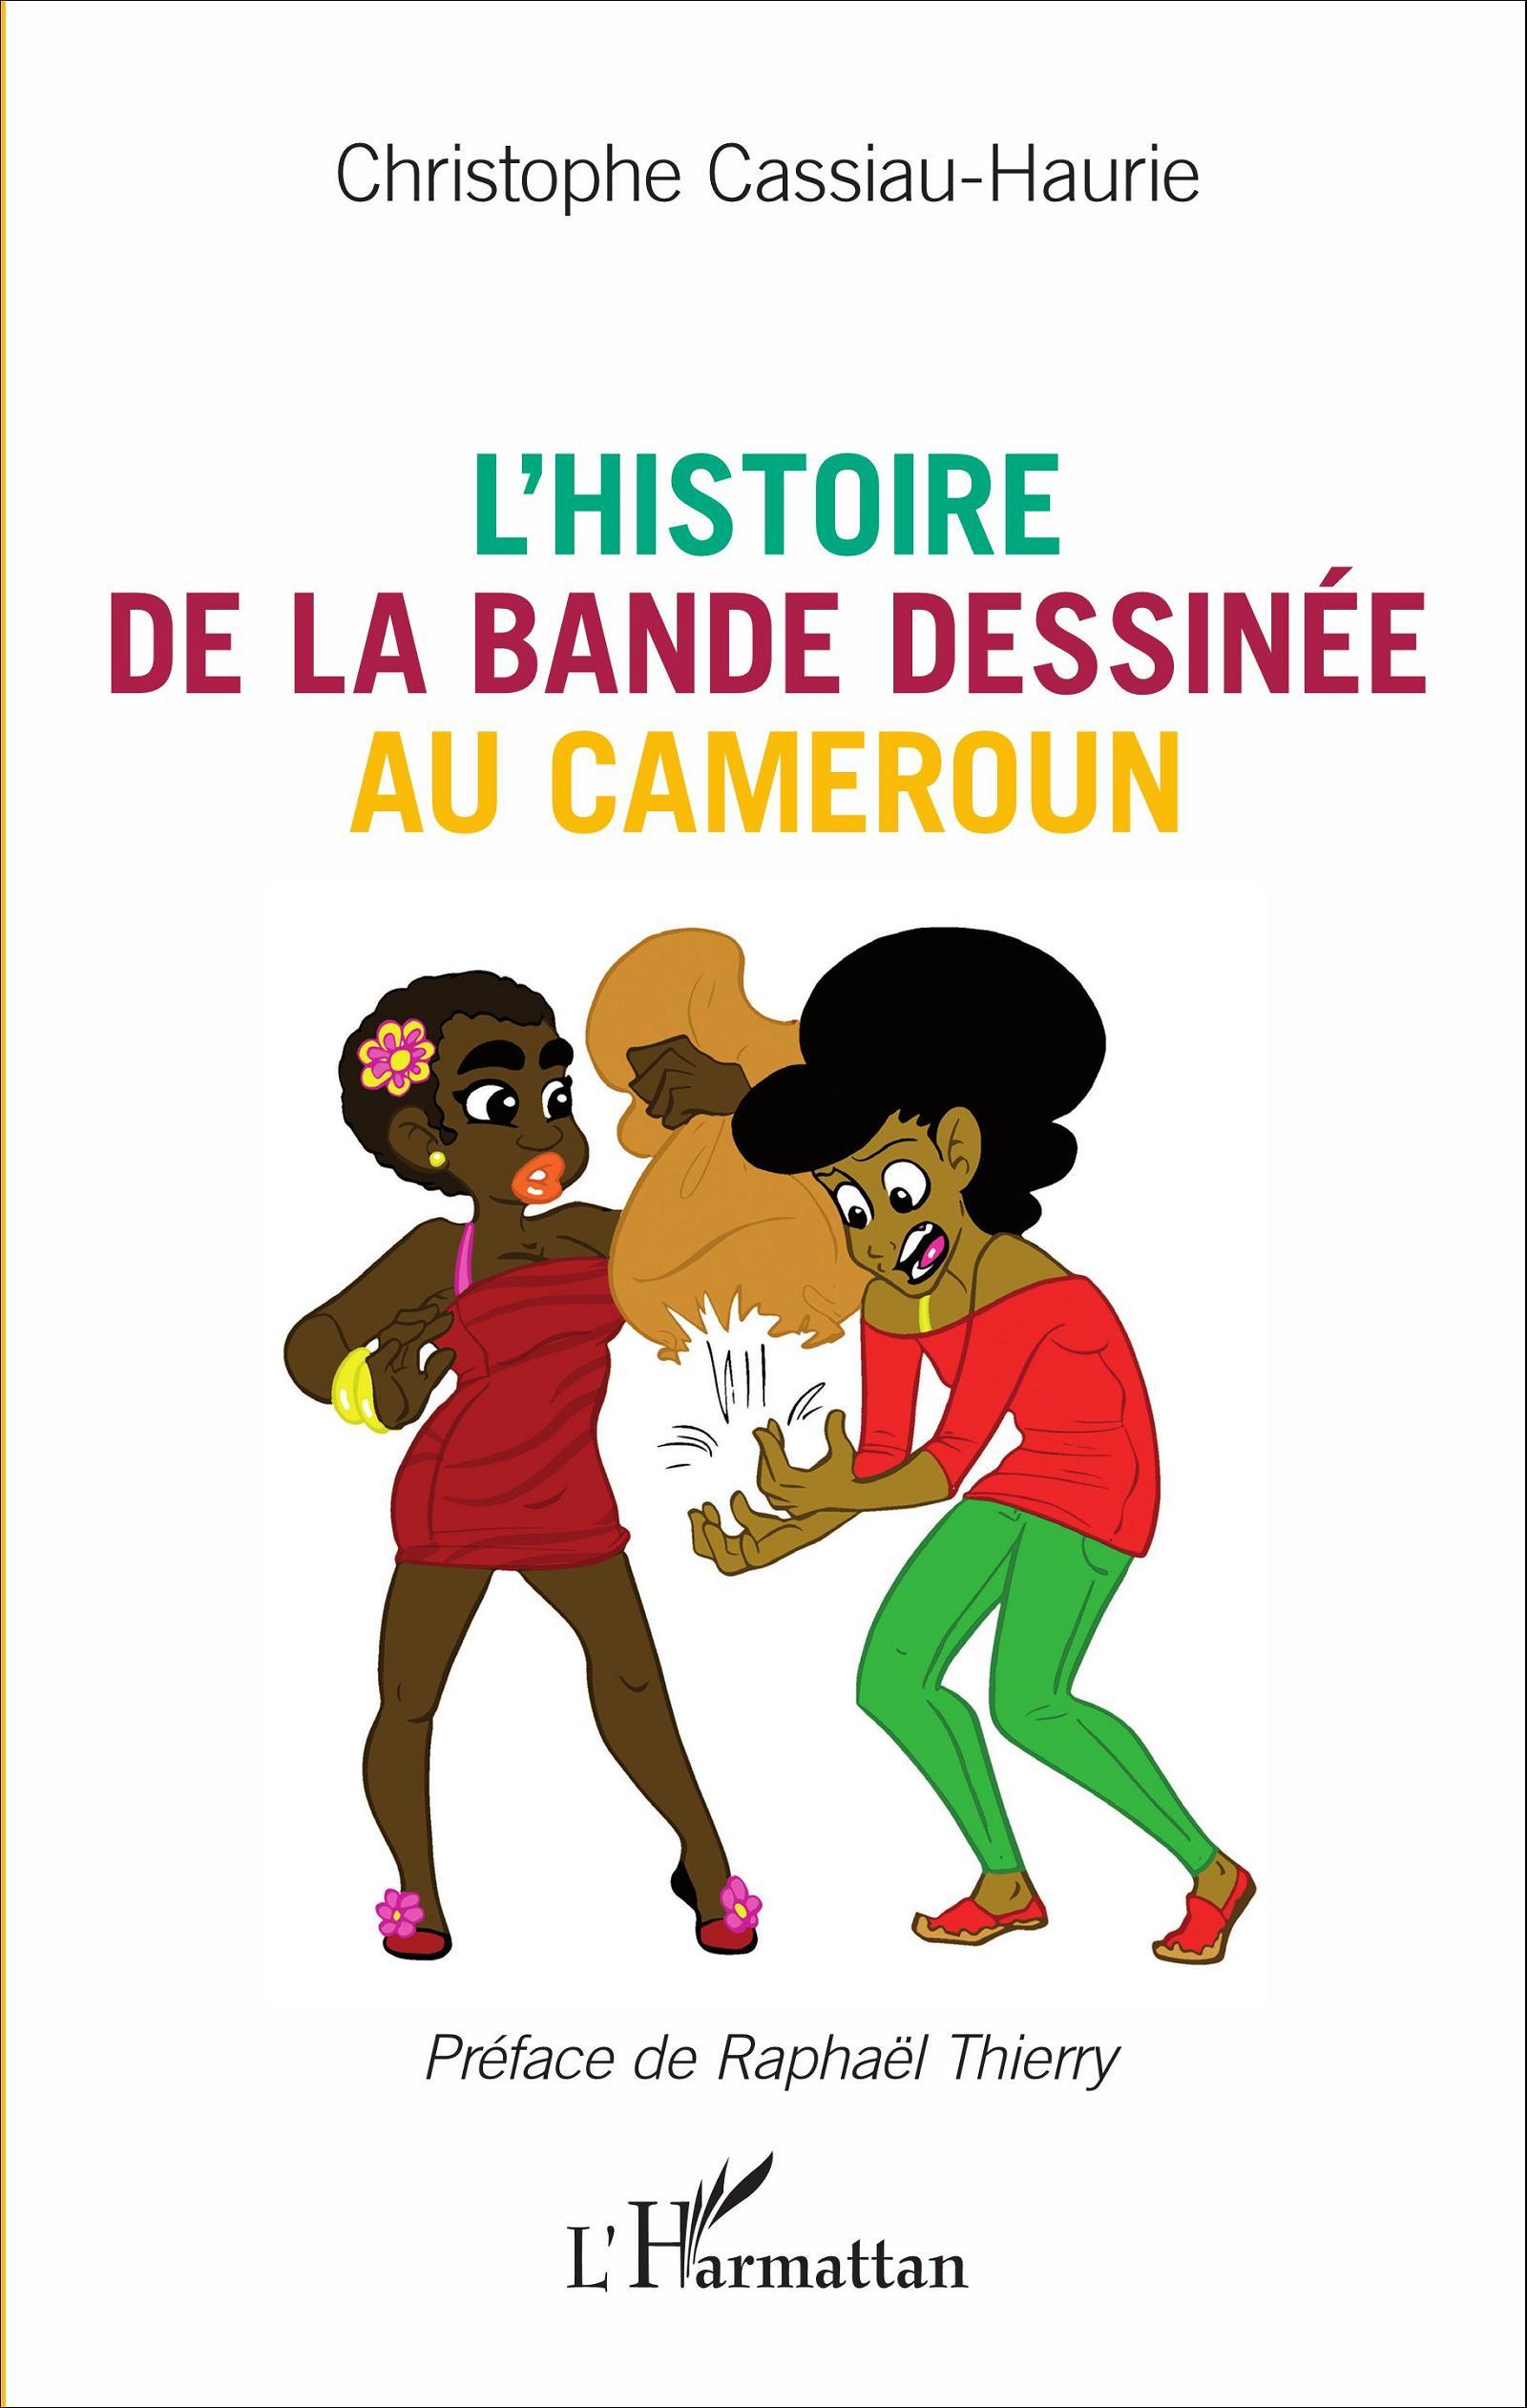 Ch. Cassiau-Haurie, L'Histoire de la bande dessinée au Cameroun